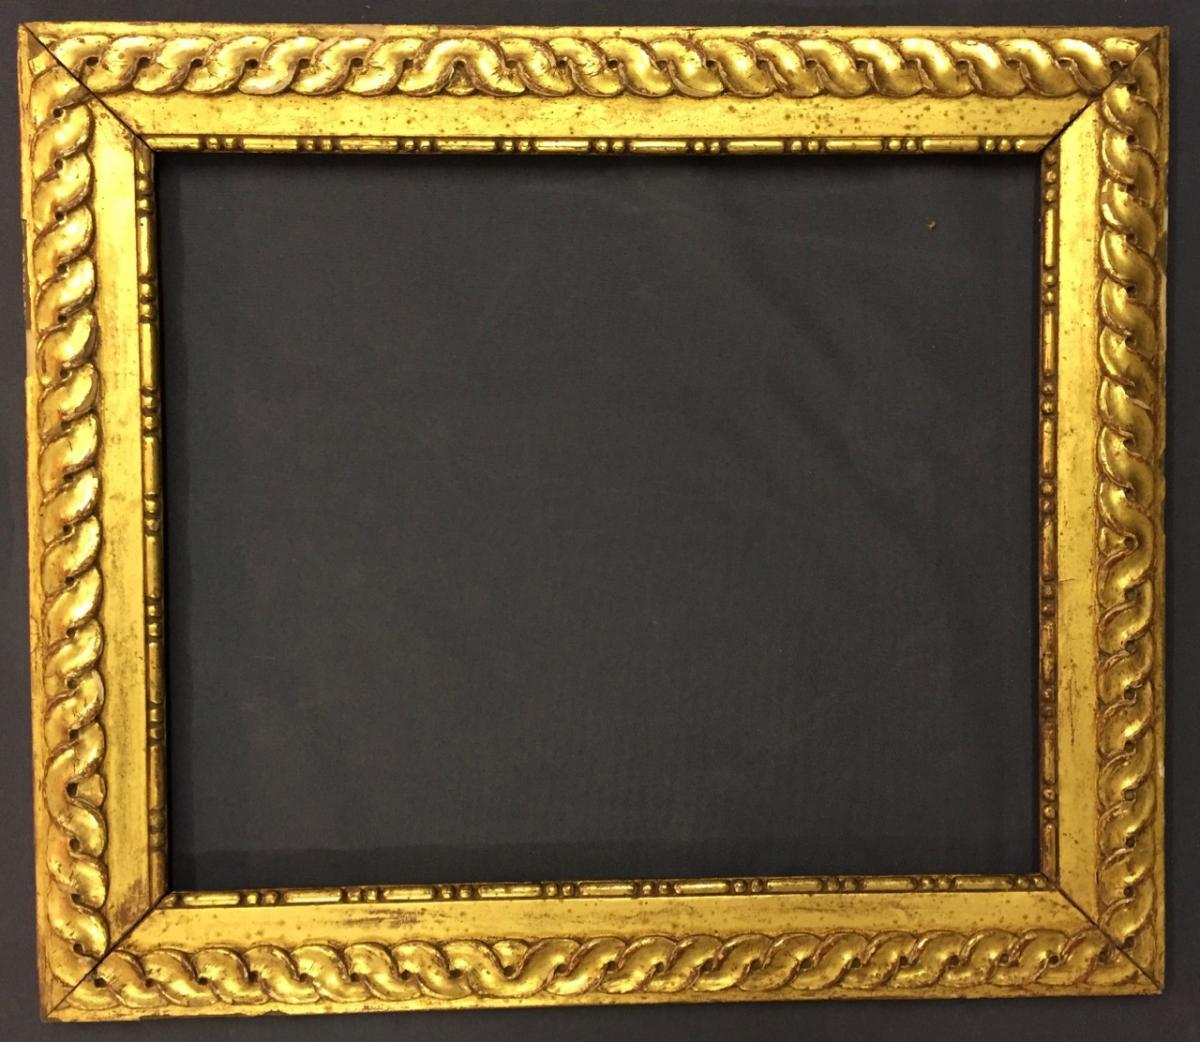 Cadre De Style Louis XVI A Motif D Entrelacs